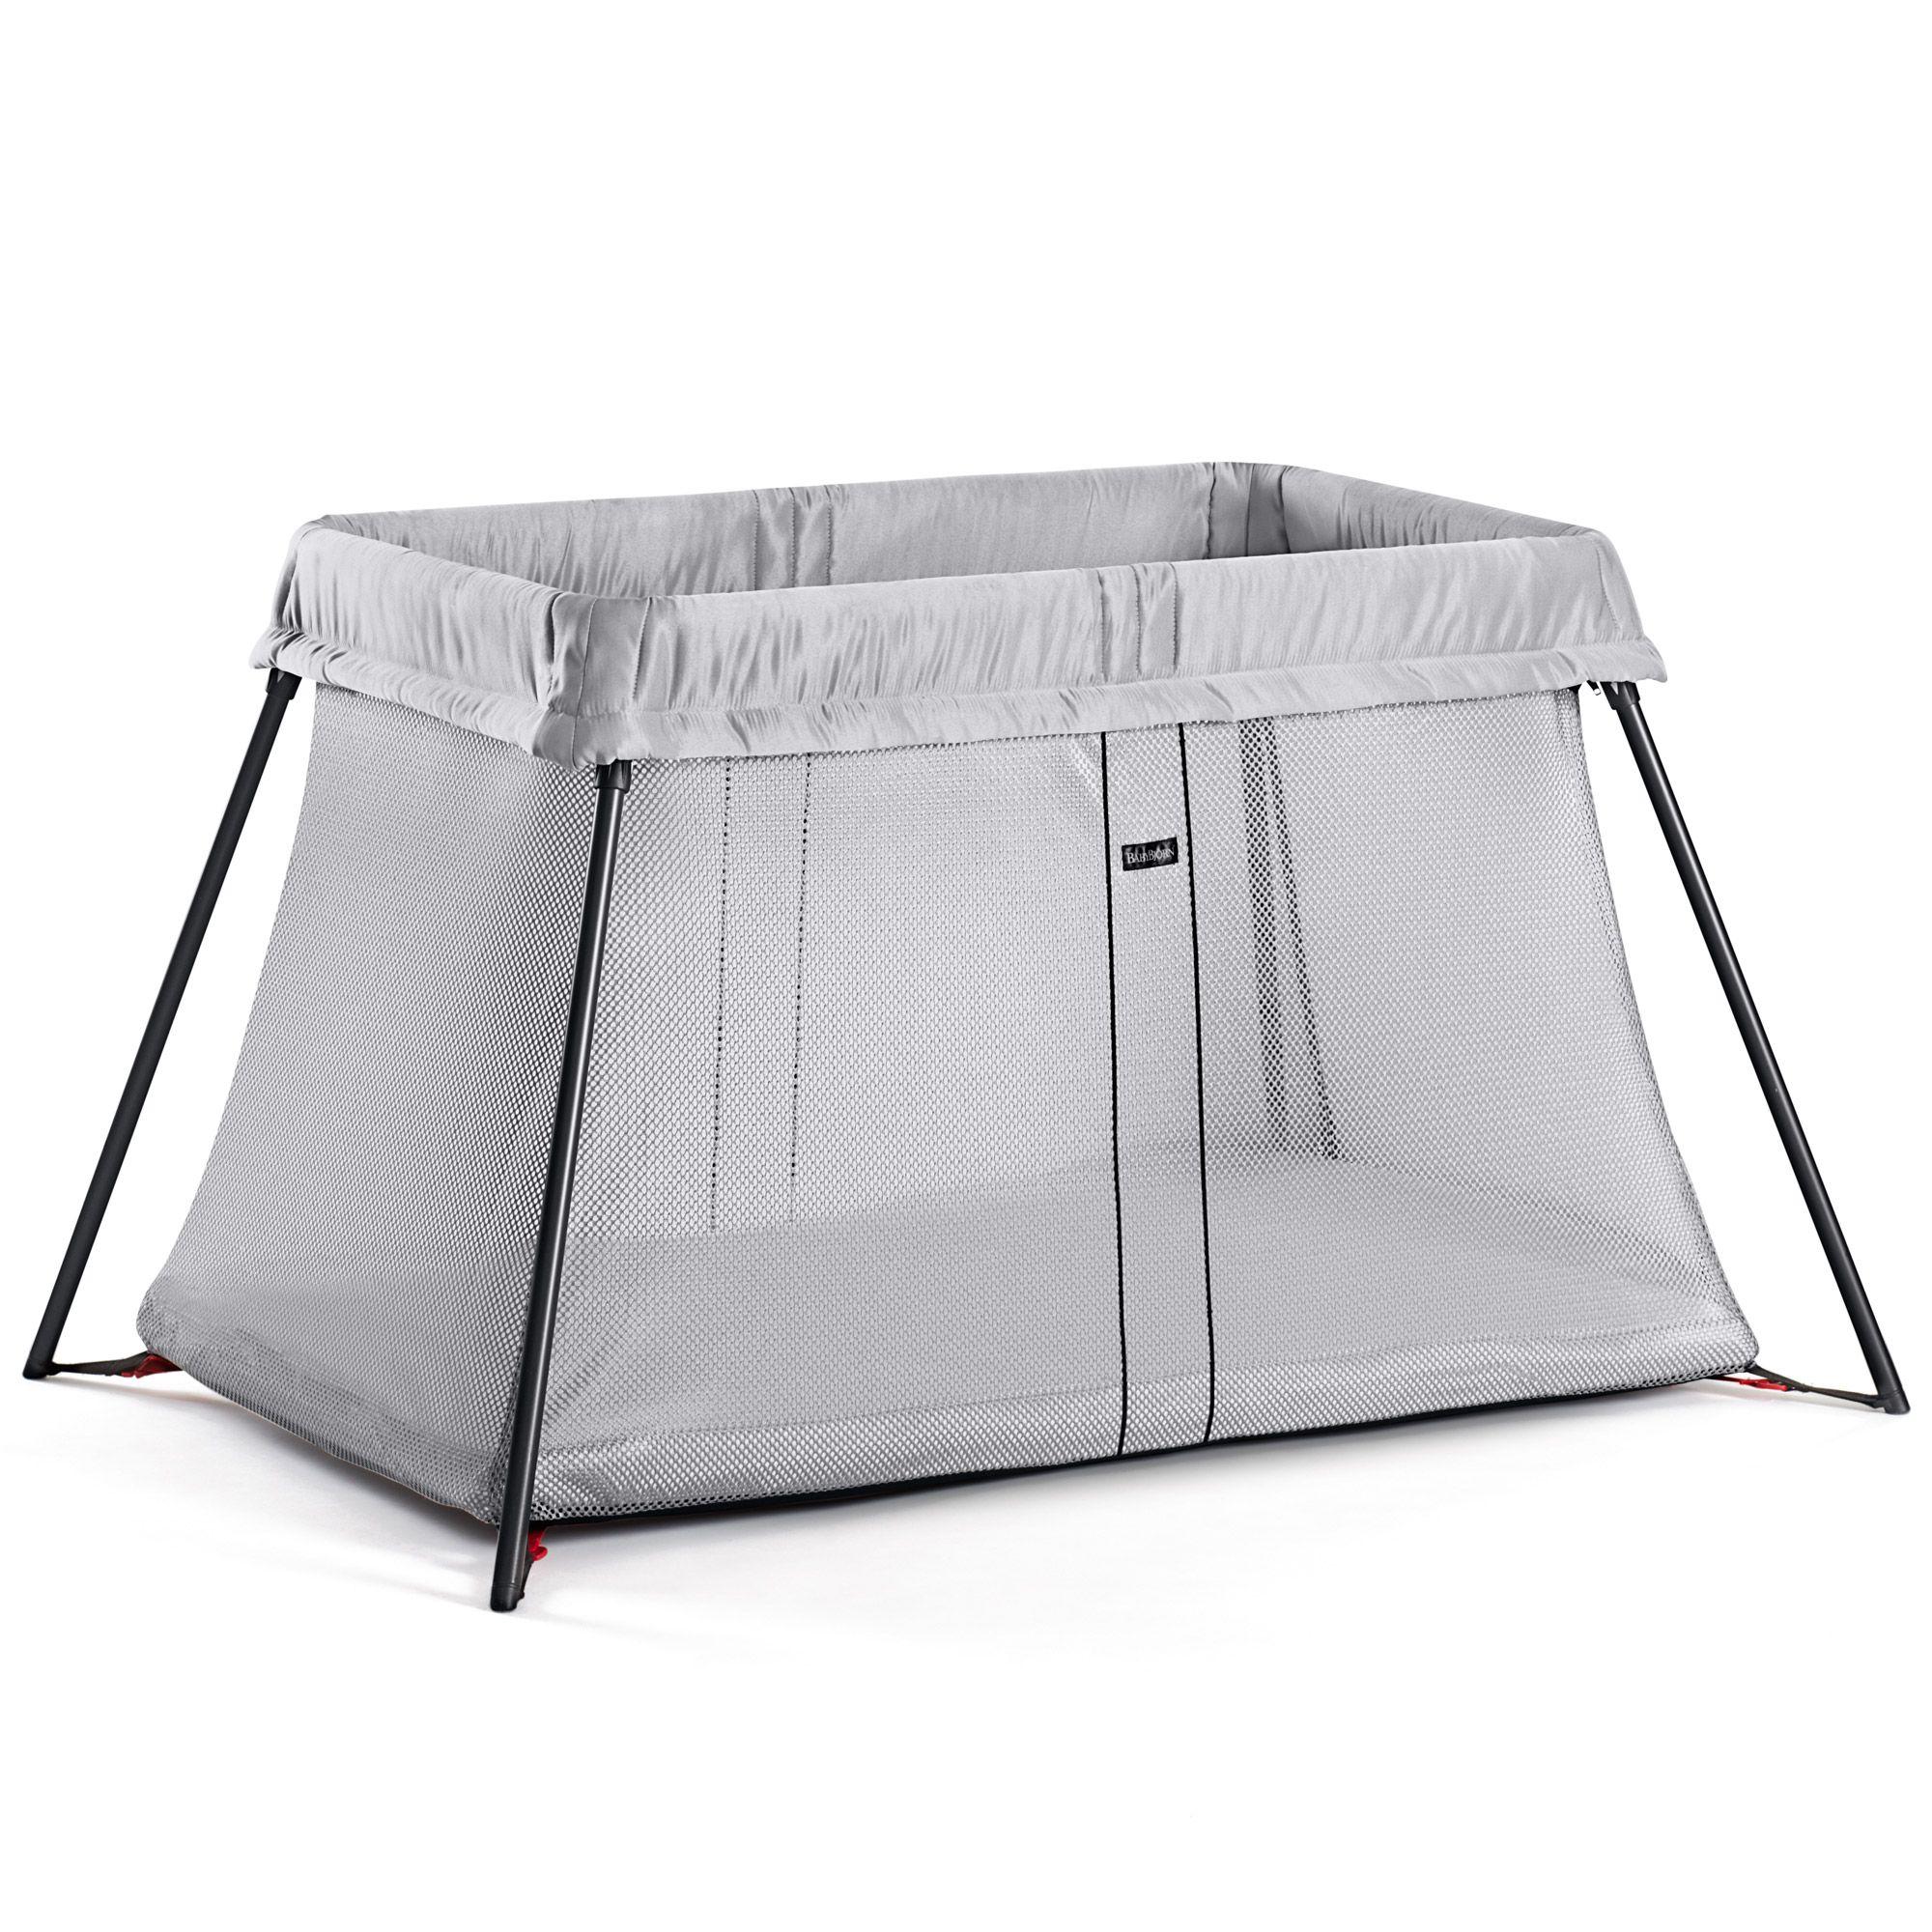 lit de voyage light argent argent de babybjrn lits parapluies aubert - Lit Parapluie Aubert